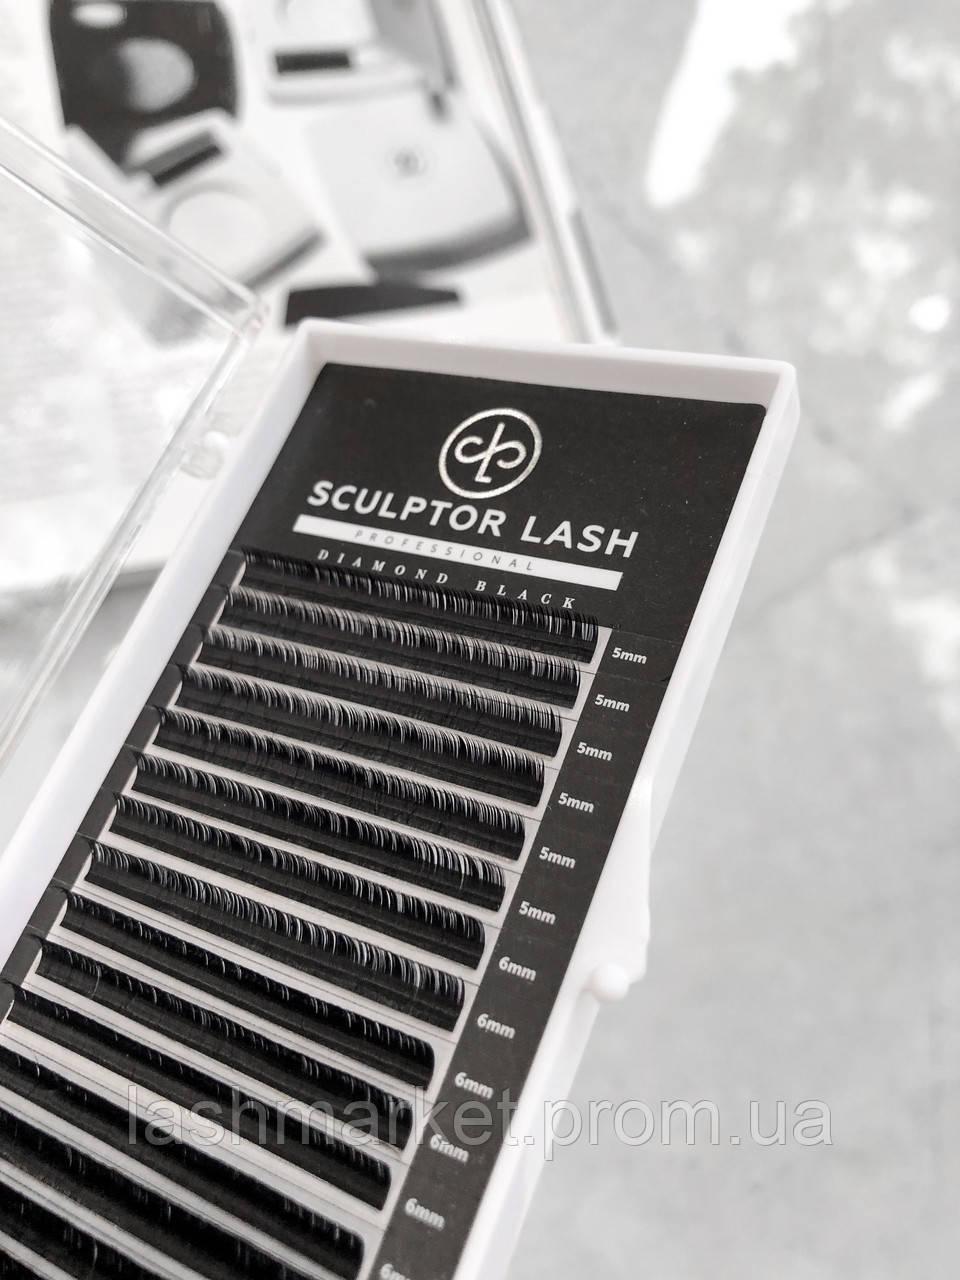 Вії ОТД ДОВЖИНА СС 0.07 - 11 мм Sculptor Lash Diamond Black чорні(для нарощування вій)